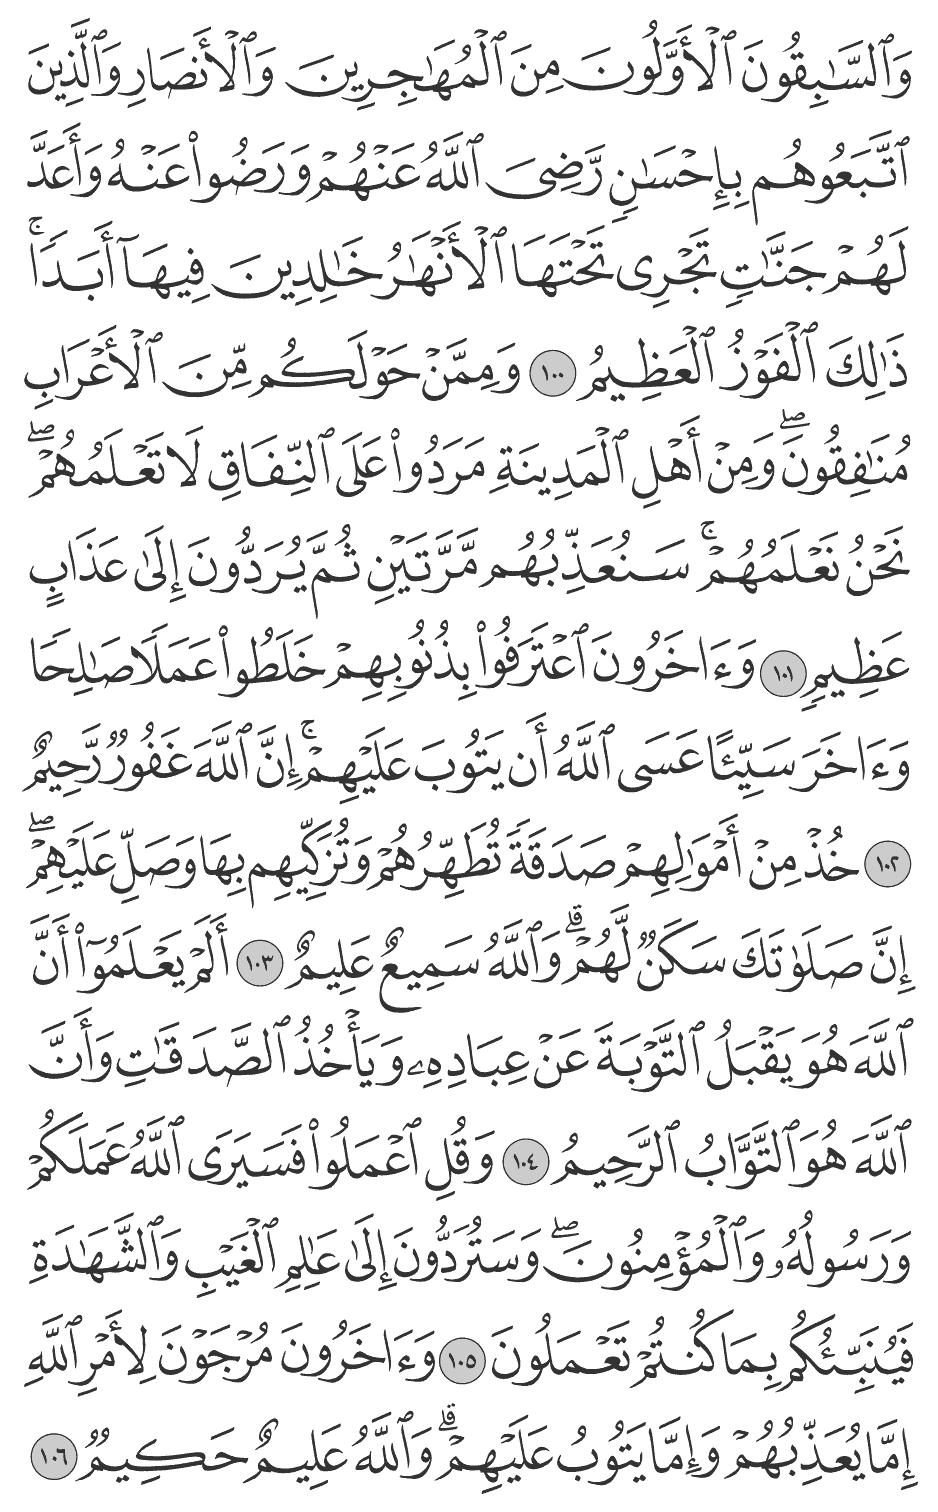 القرآن والتجويد سورة التوبة At Tawbah 103